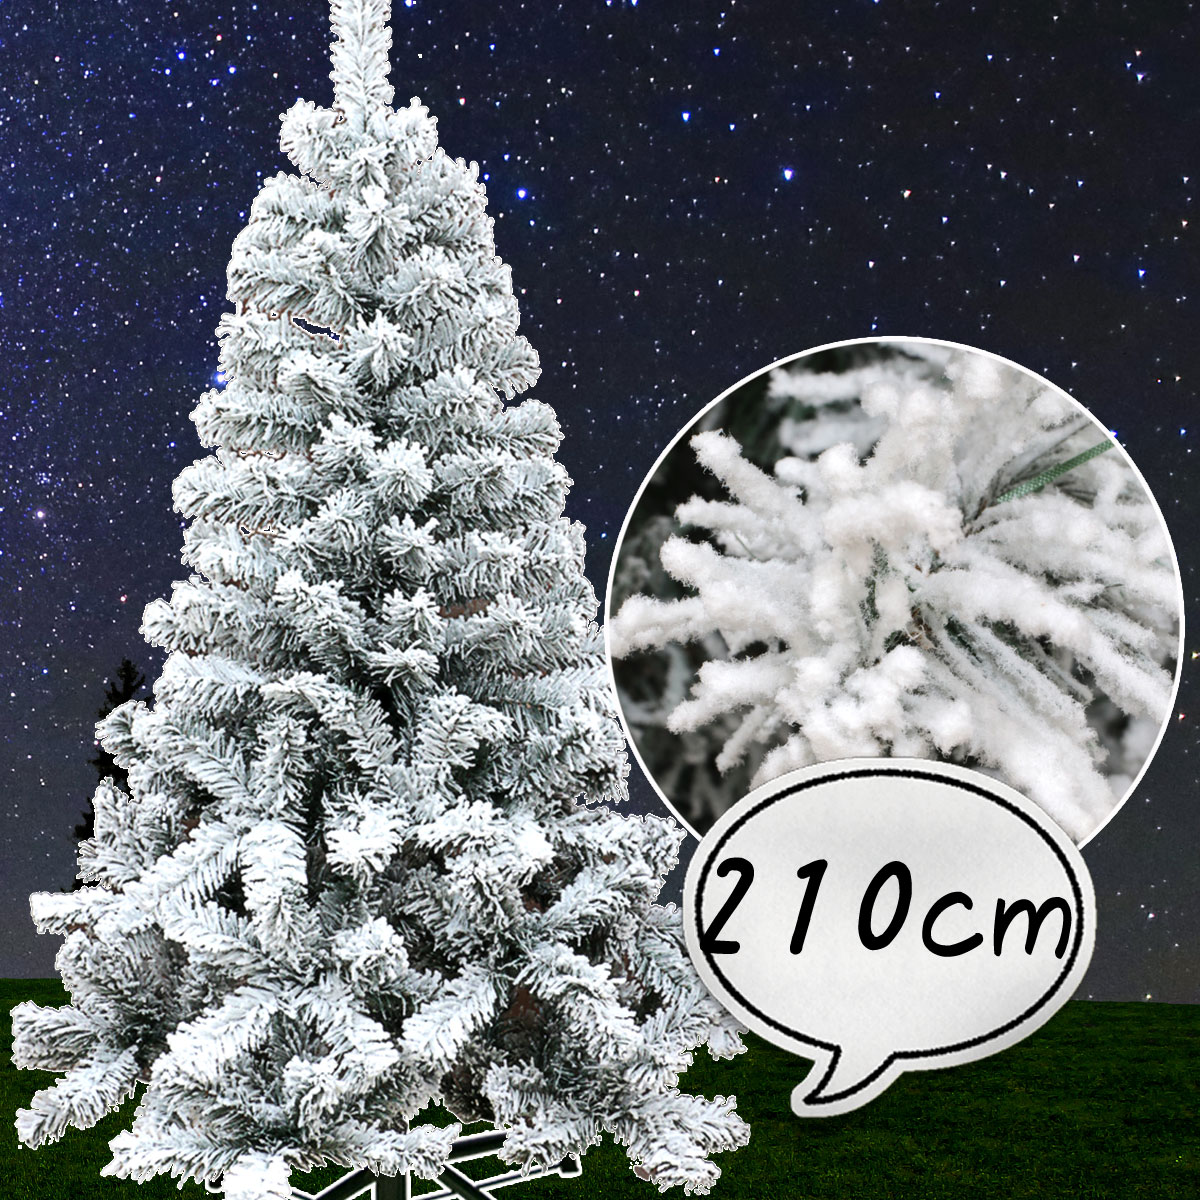 クリスマスツリー210cm フロスト 雪 スノーツリー ワイド 北欧 おしゃれ